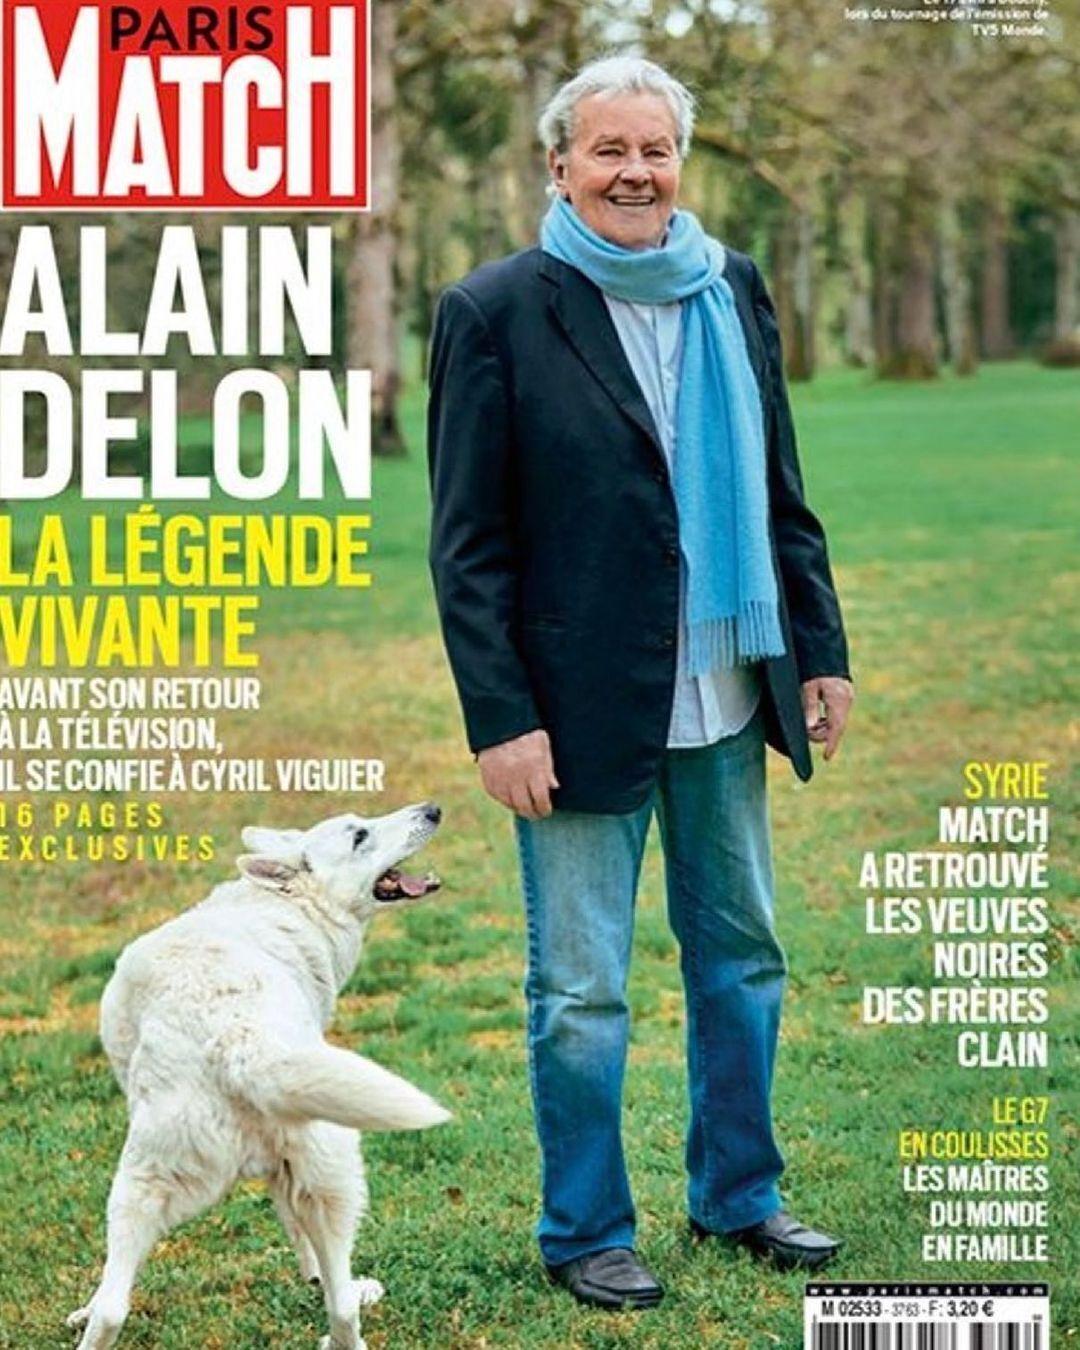 Ален Делон на обложке журнала Paris Match